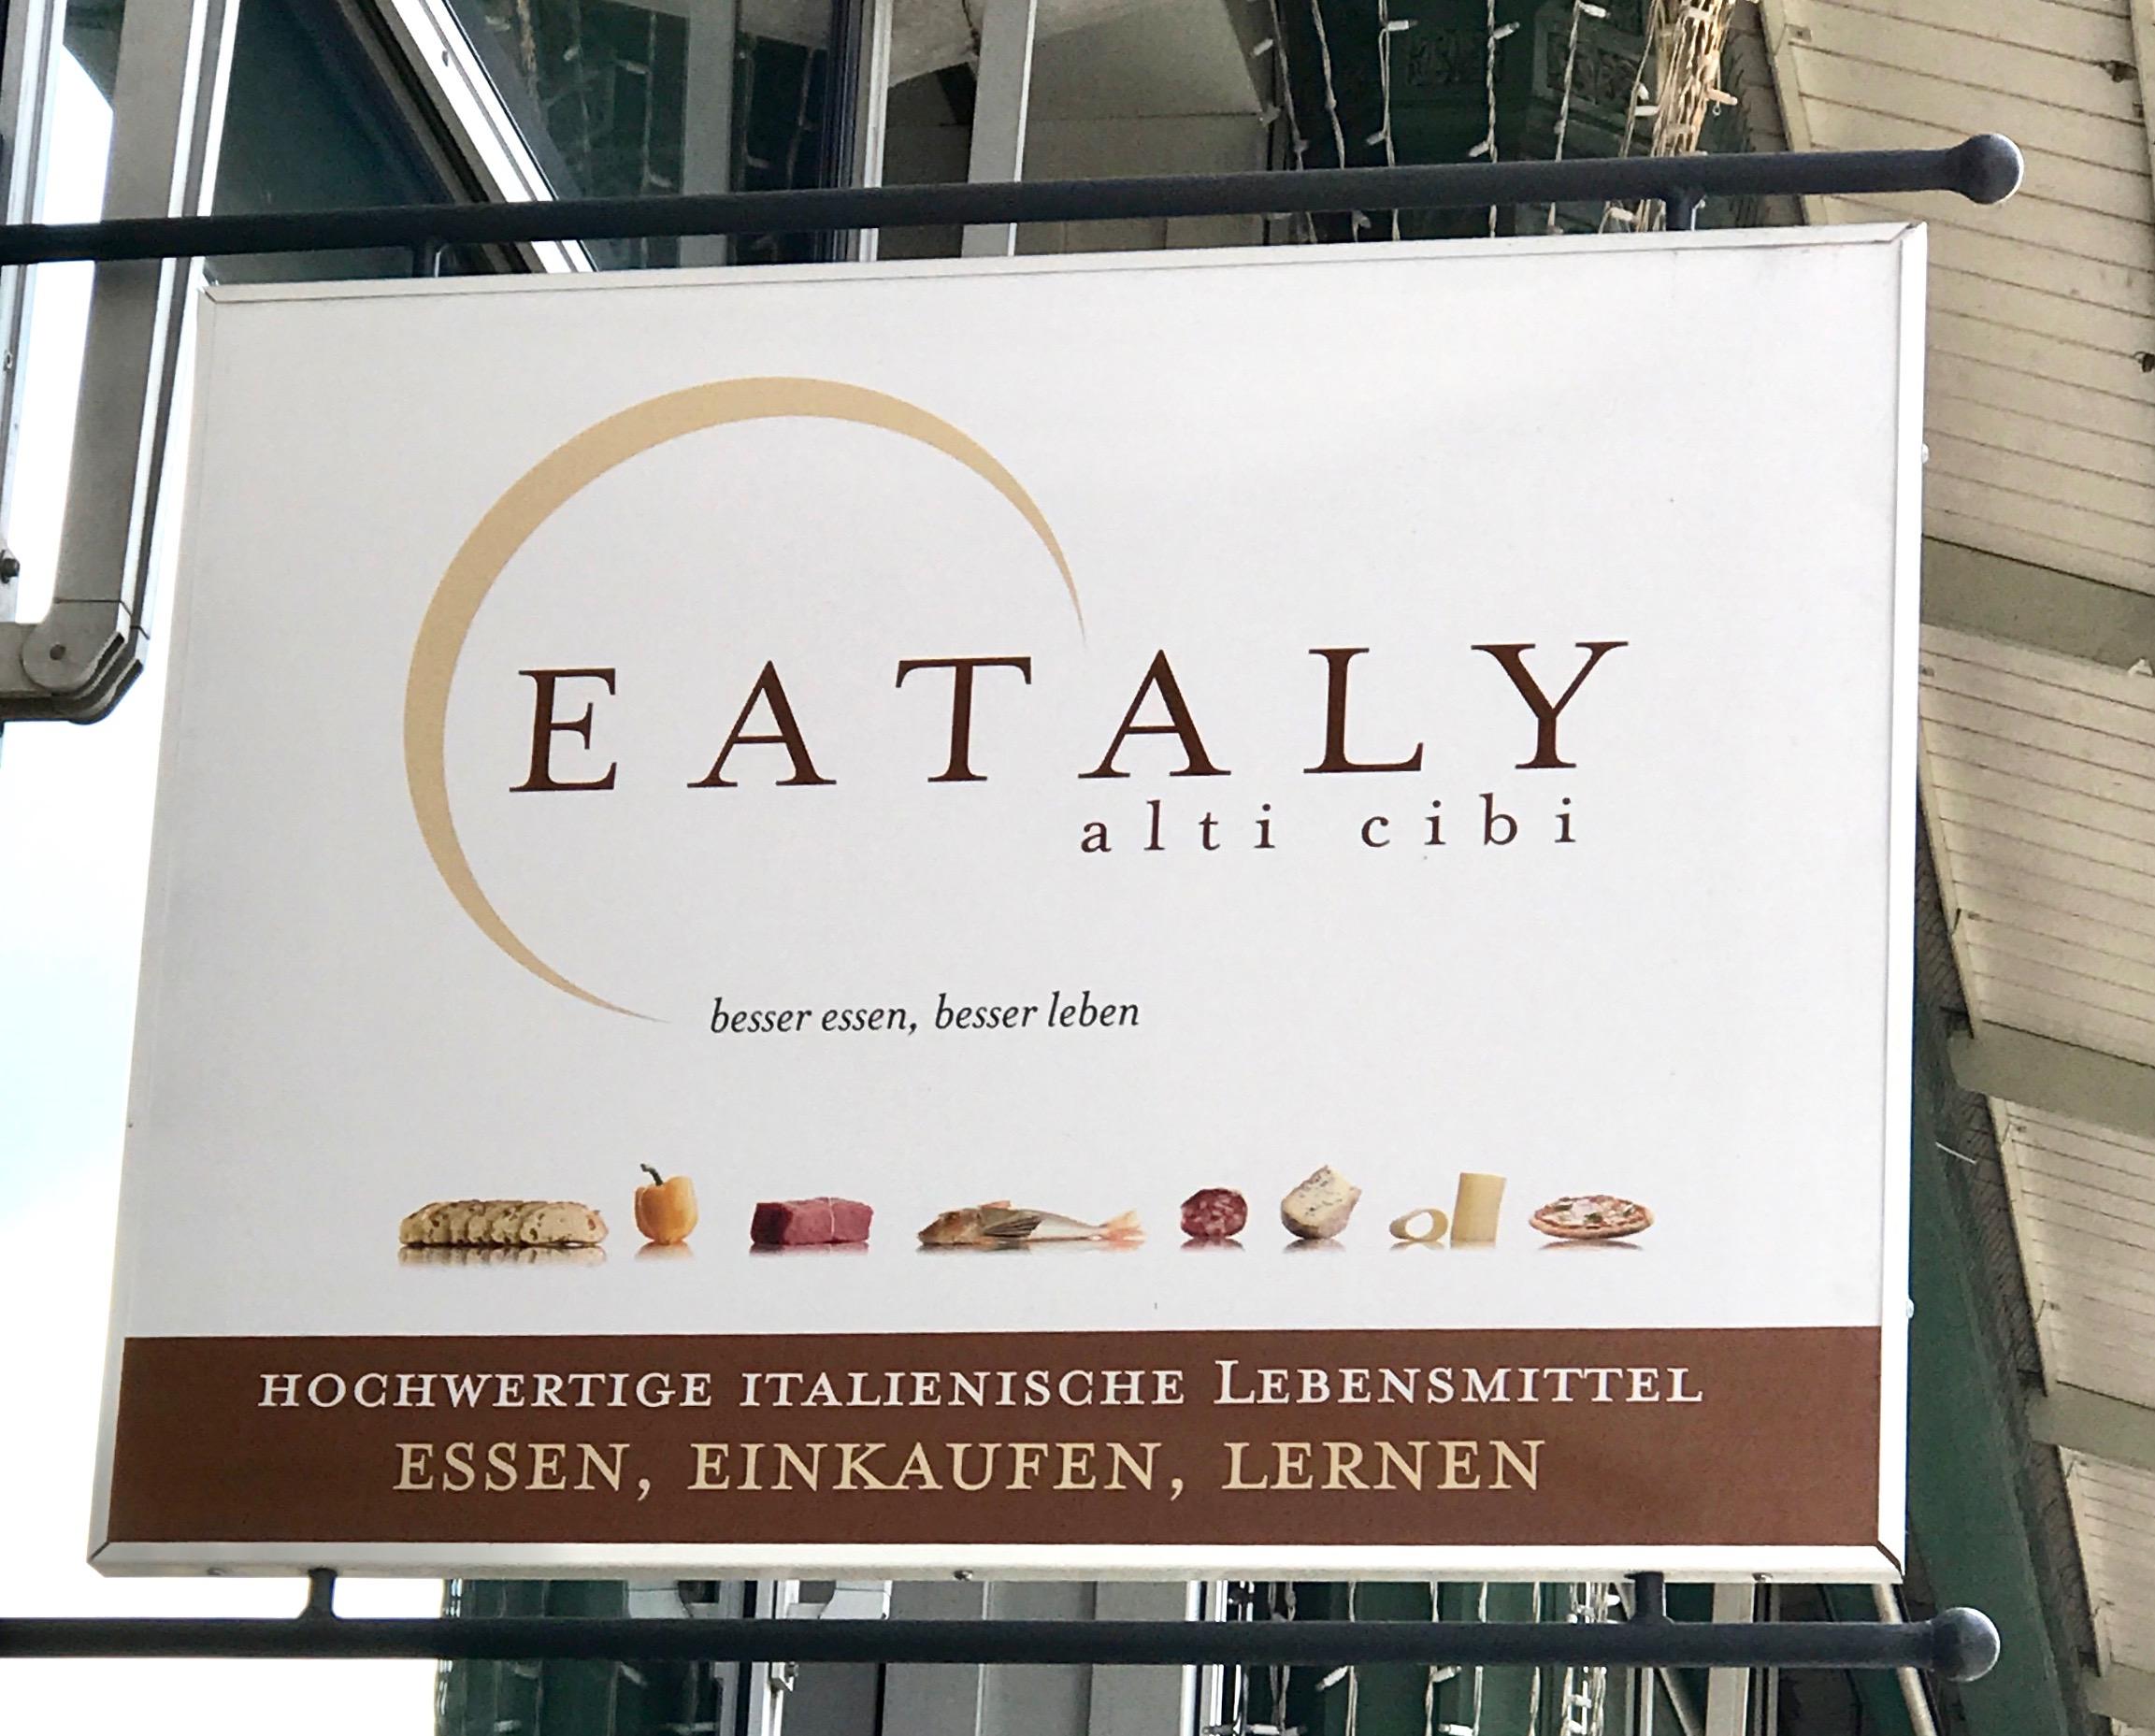 Eataly Schild